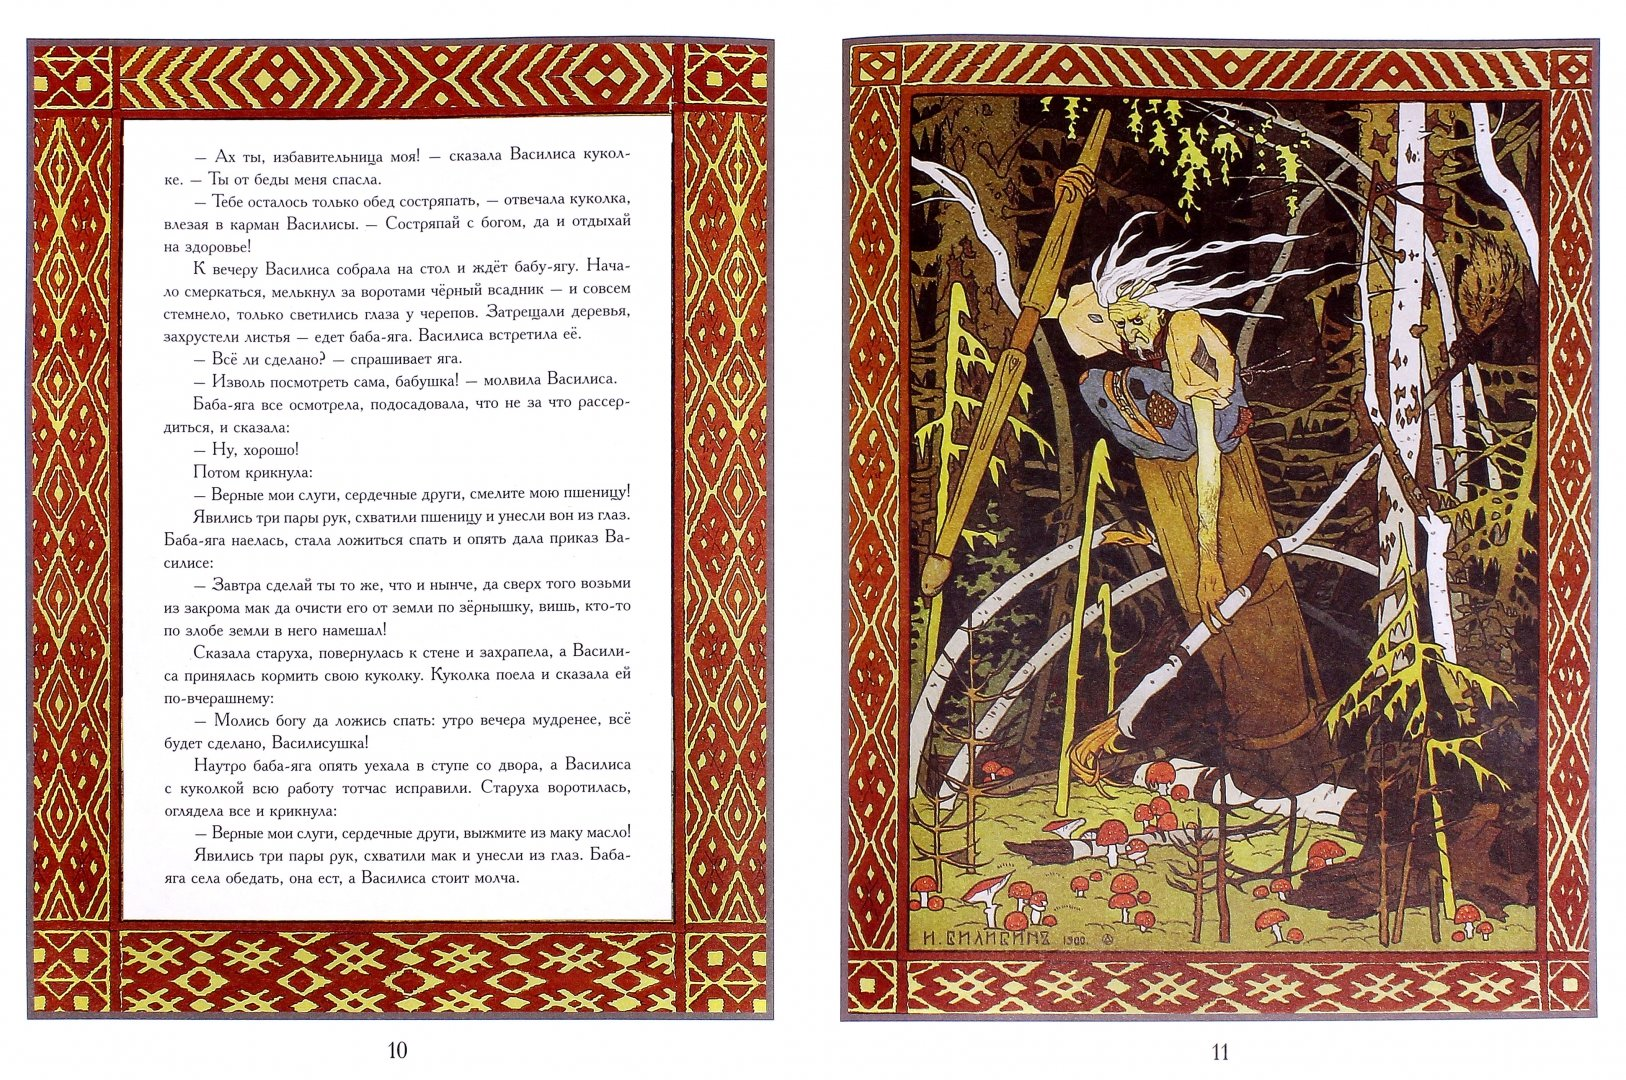 этом сборник русских сказок с иллюстрациями билибина найти увлекательного представителя